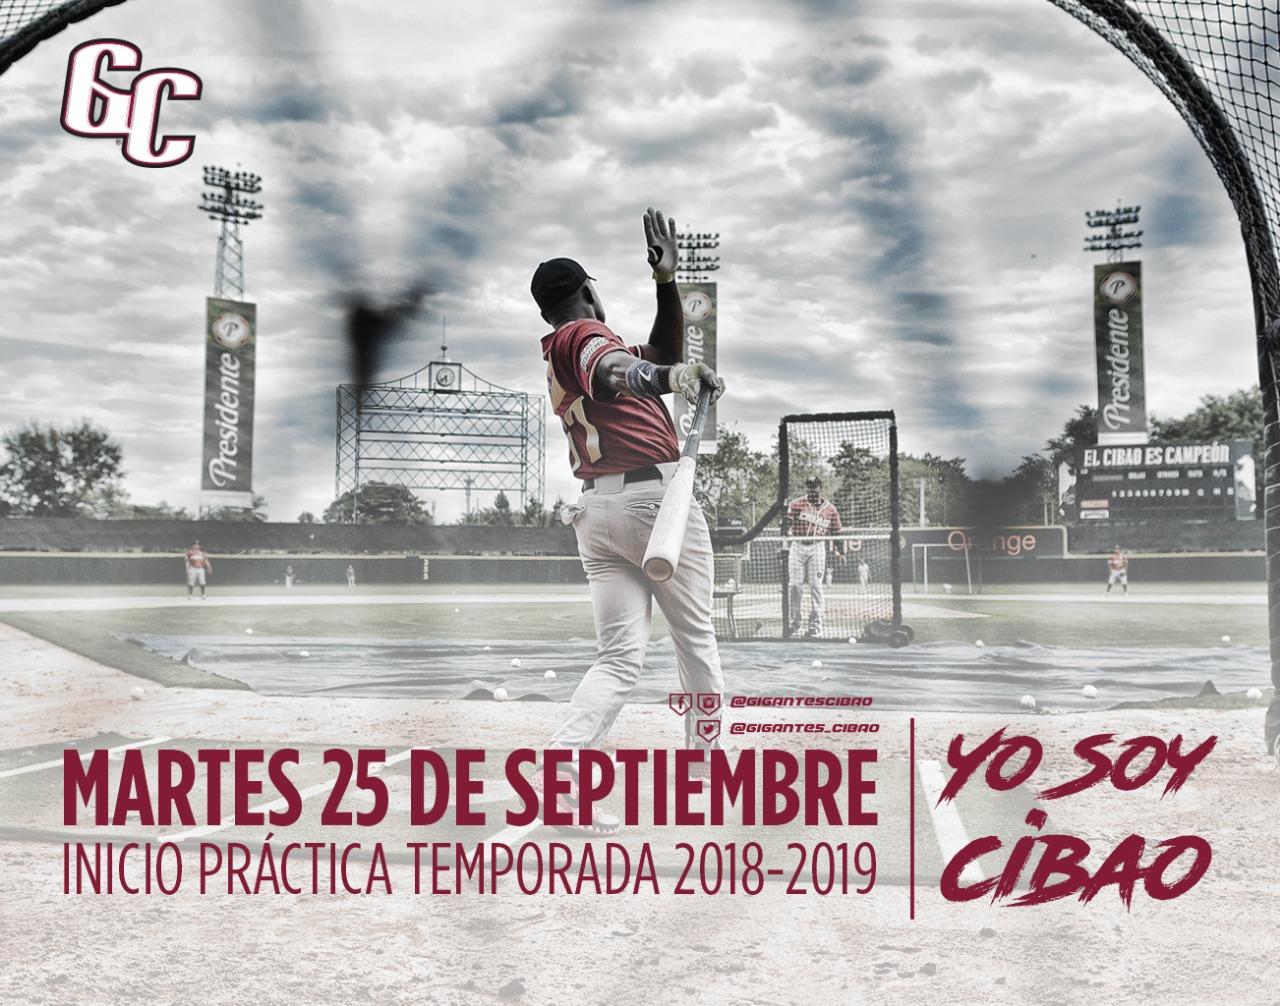 Gigantes del Cibao iniciarán entrenamientos el martes 25 de septiembre